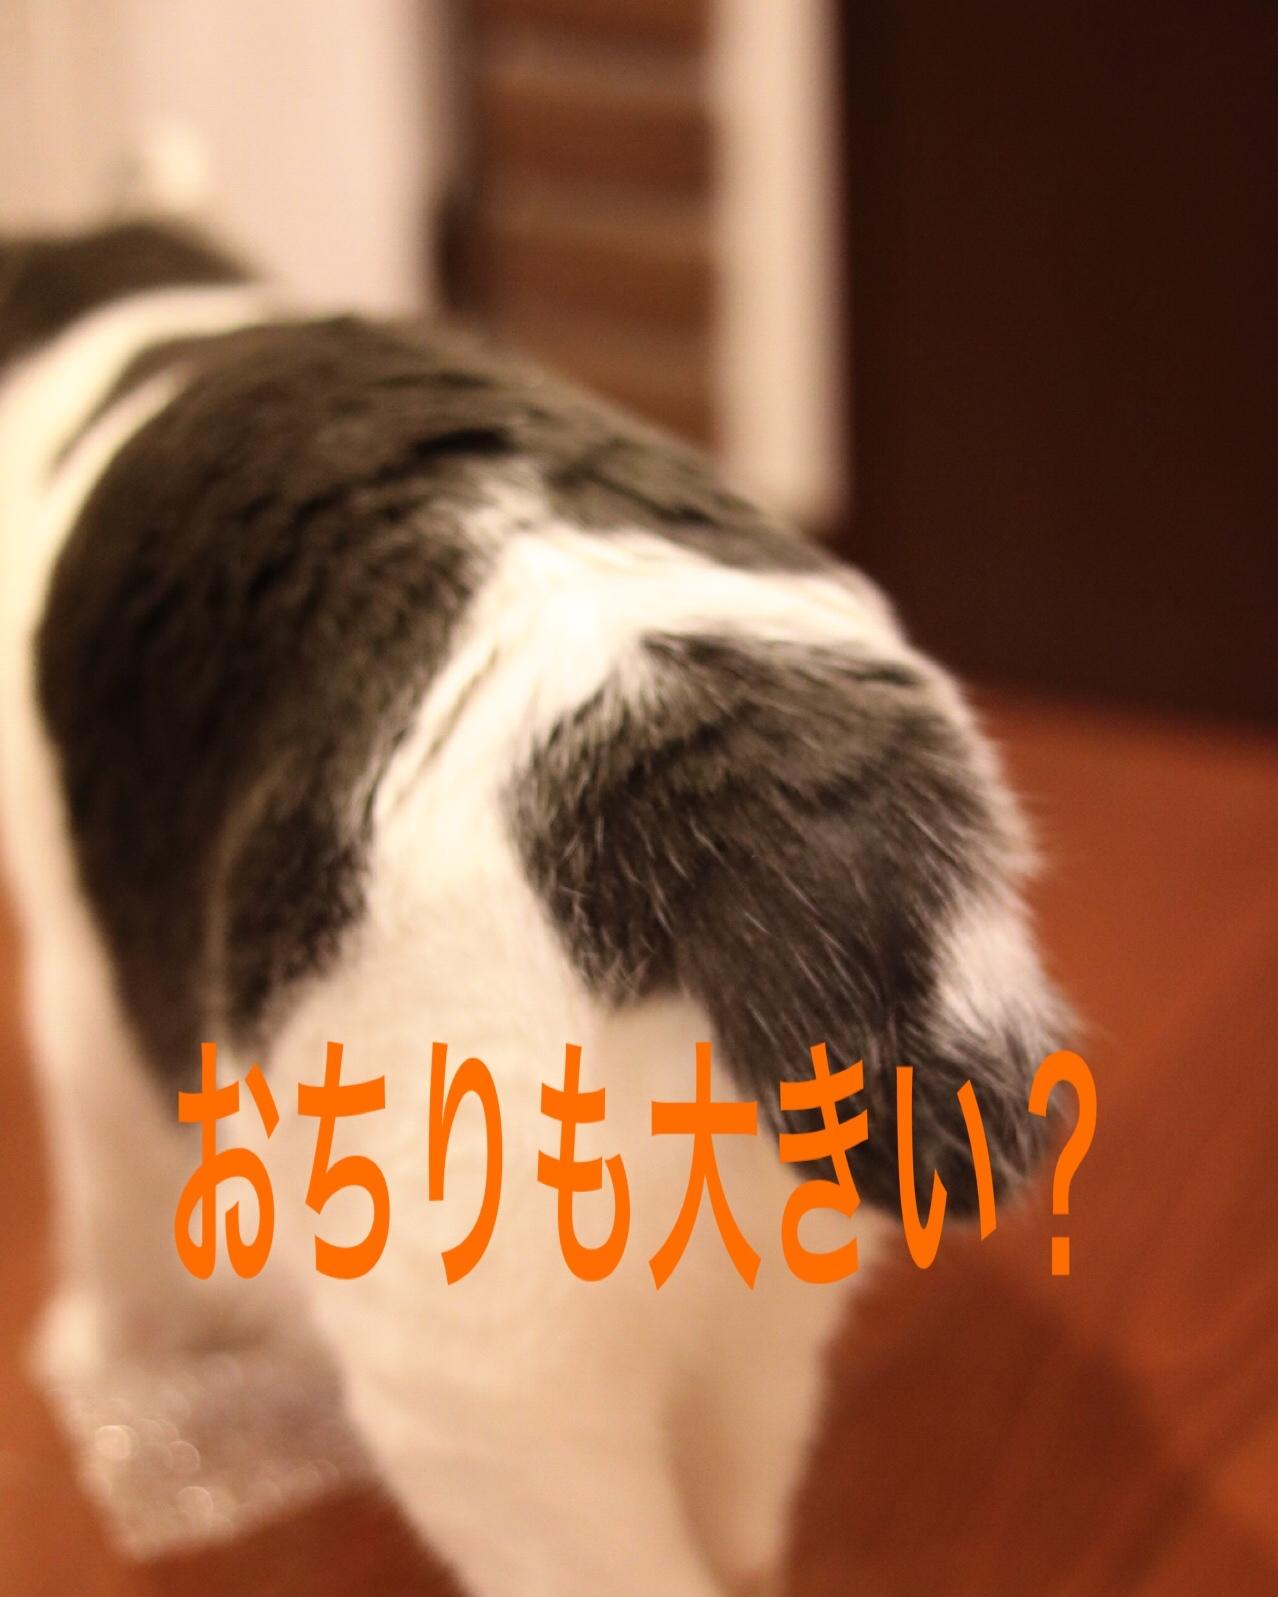 にゃんこ劇場「ふくちゃん、牛を食う?」_c0366722_17301430.jpeg